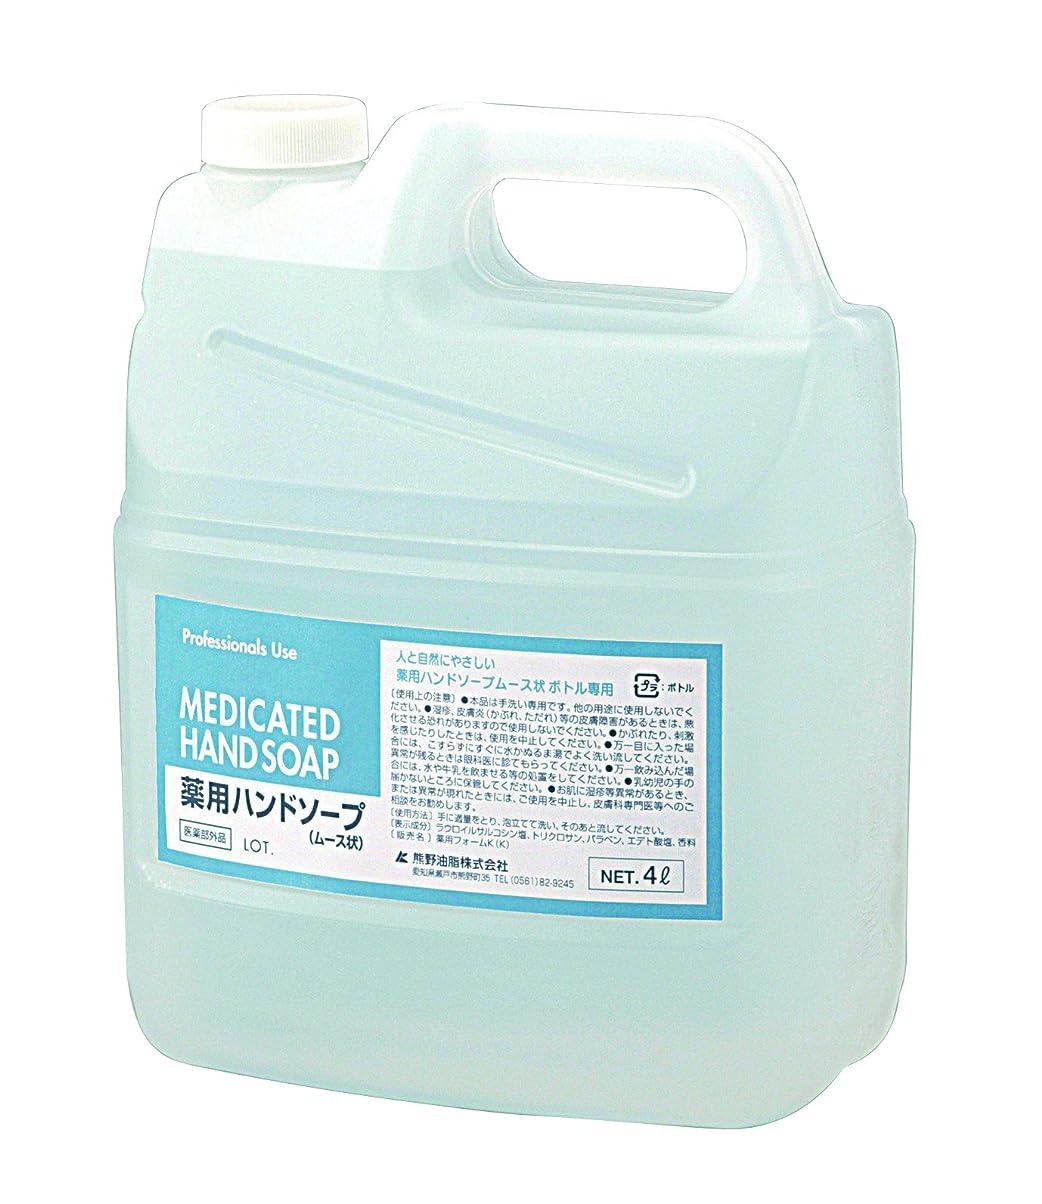 アルファベットブレースぼかしセディア薬用ハンドソープ(泡タイプ) 4L /8-6279-11 [医薬部外品]